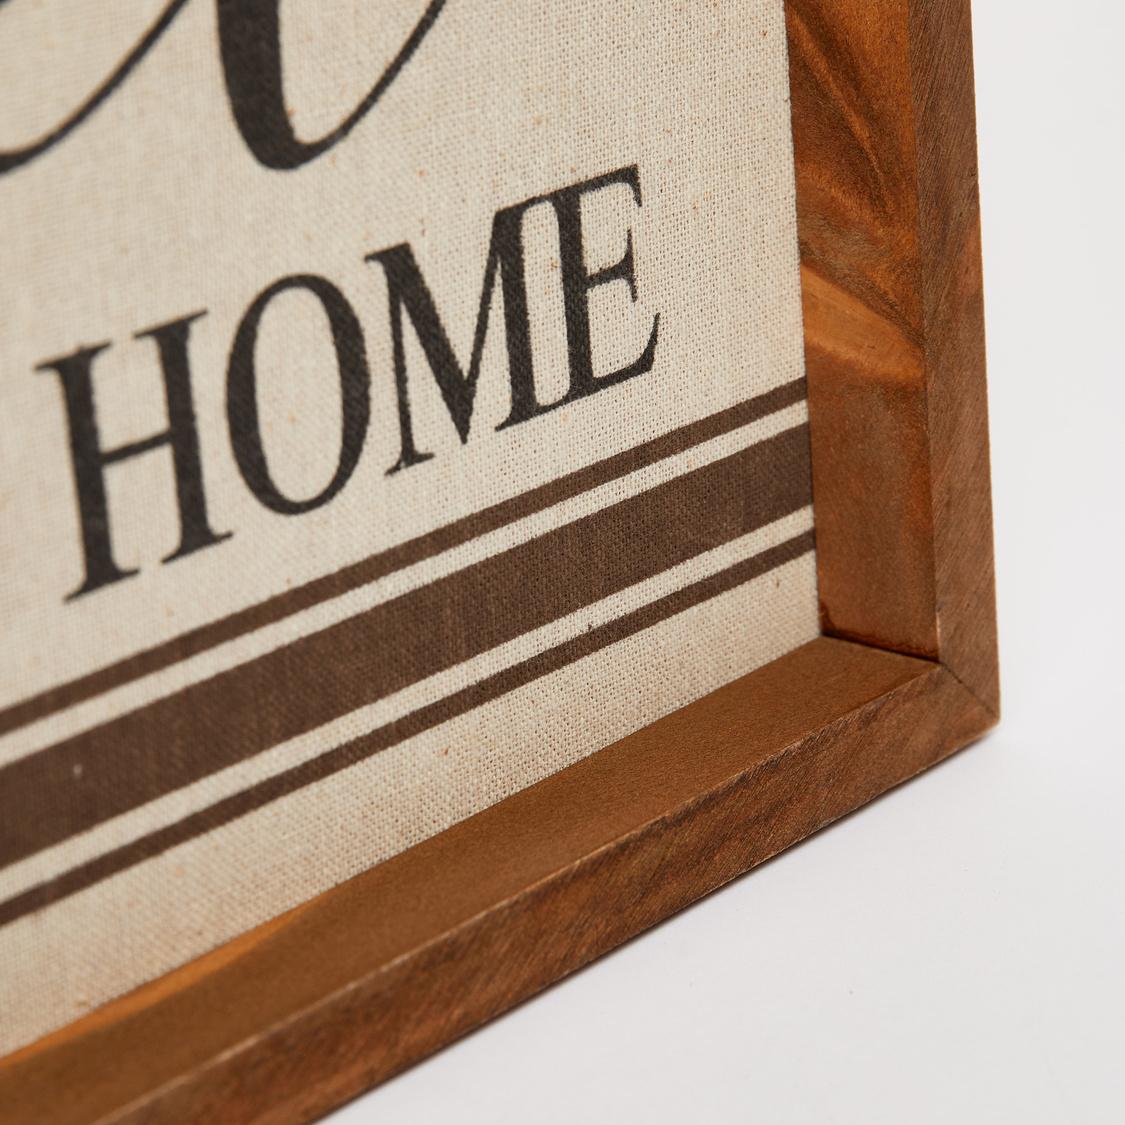 قطعة ديكور بتصميم هوم سويت هوم